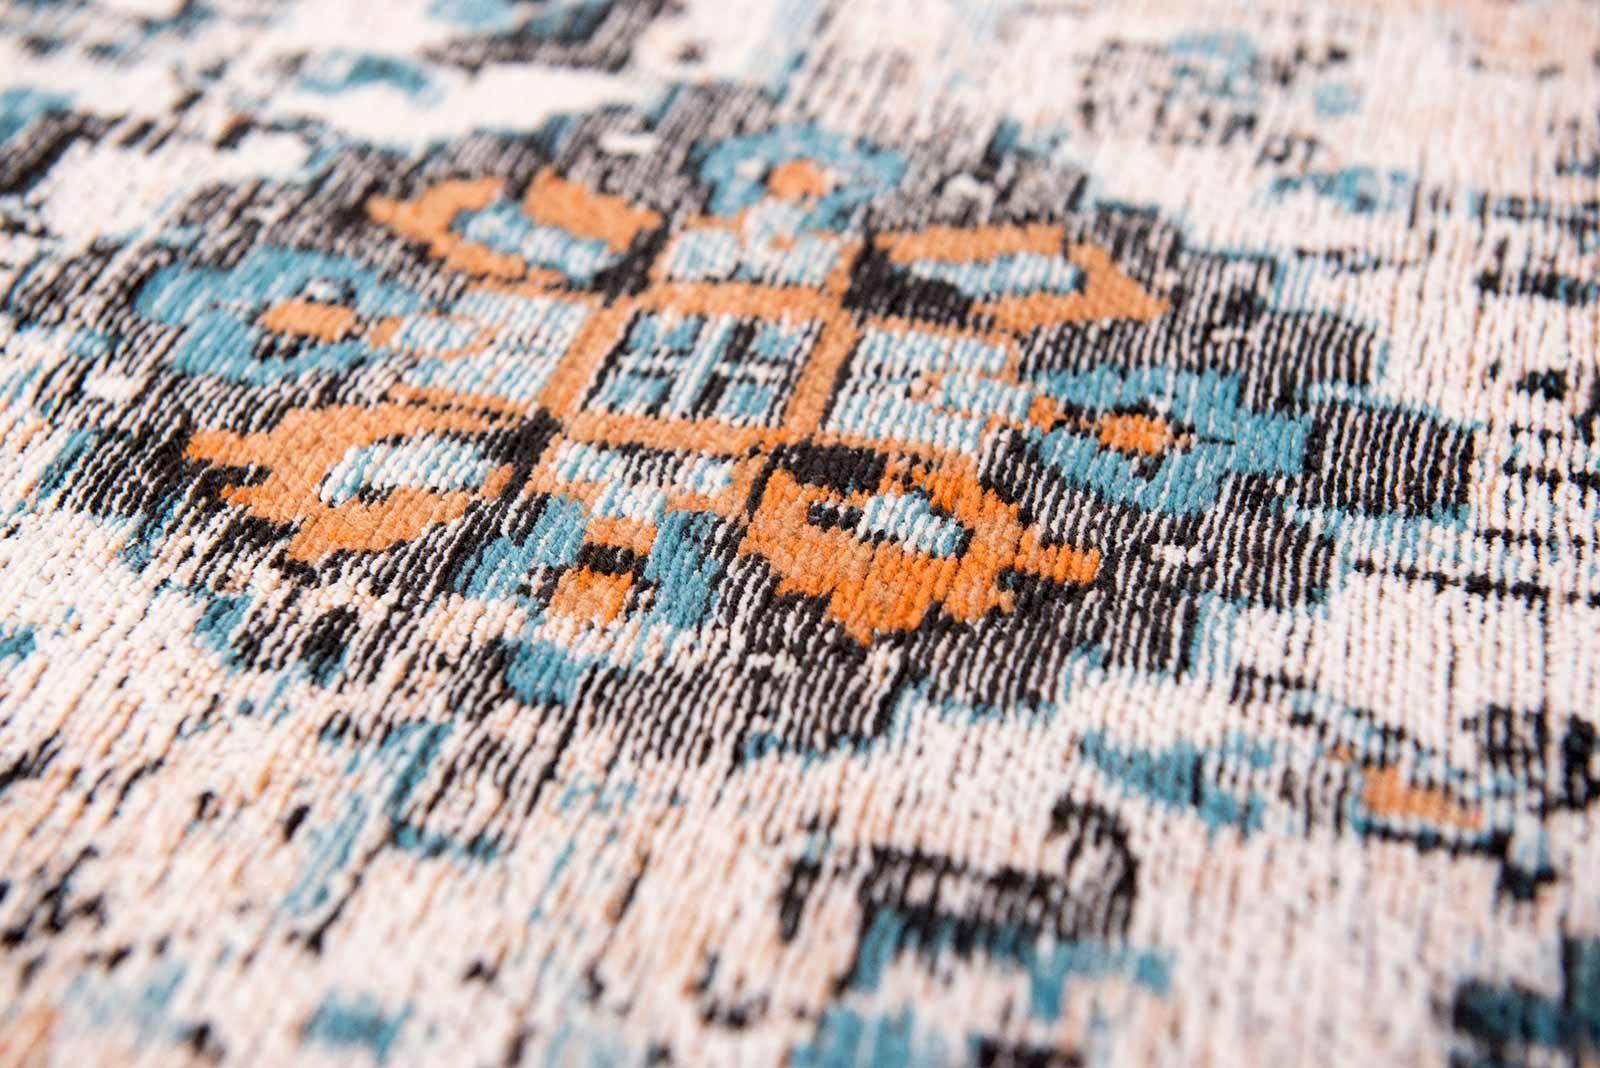 vloerkleed Louis De Poortere LX8705 Antiquarian Antique Heriz Seray Orange zoom 3